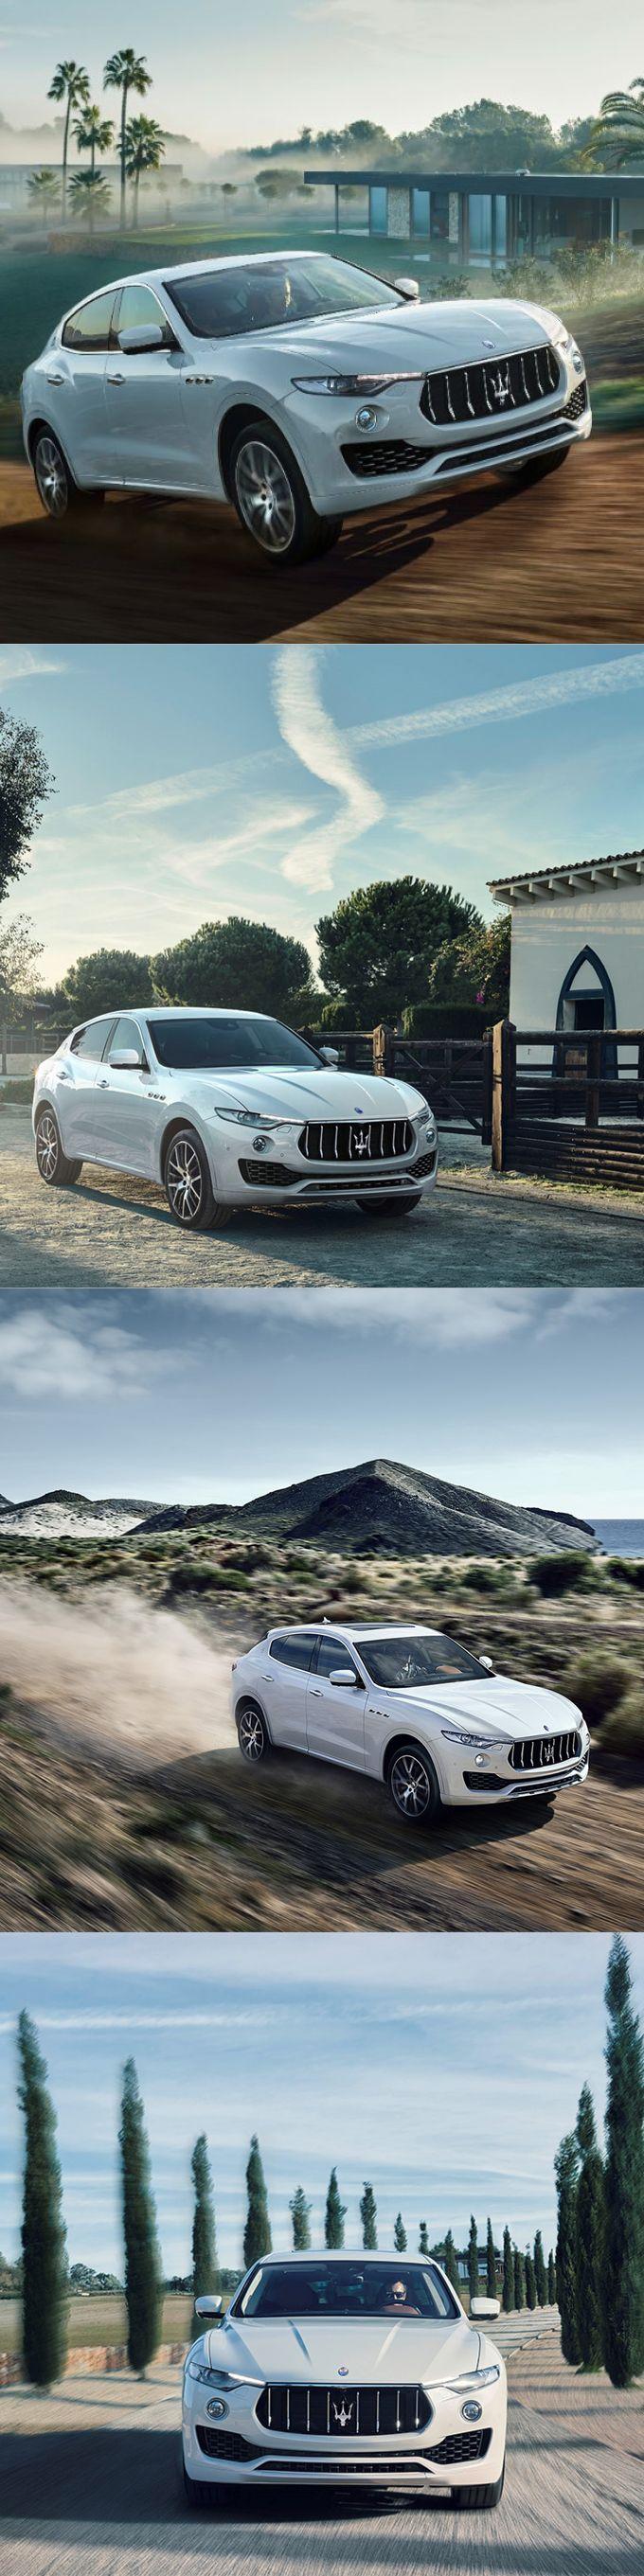 2017 Maserati Levante / white / Italy / SUV / 16-100